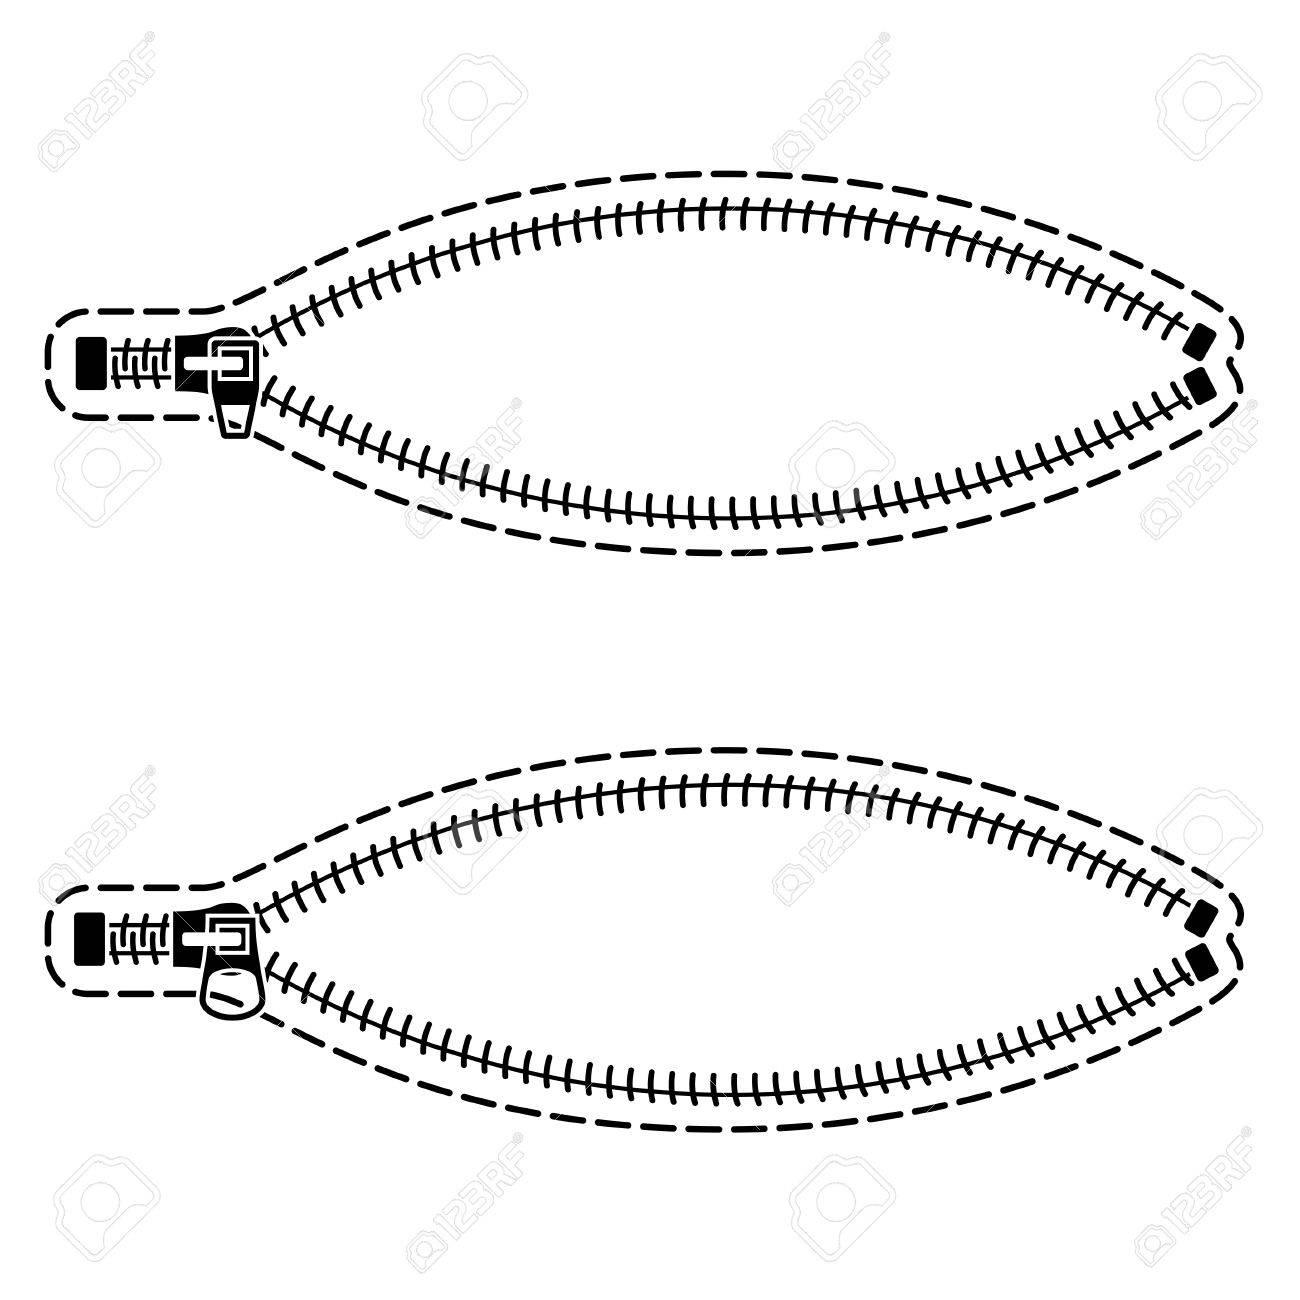 1300x1300 Zipper Black Symbols Royalty Free Cliparts, Vectors, And Stock